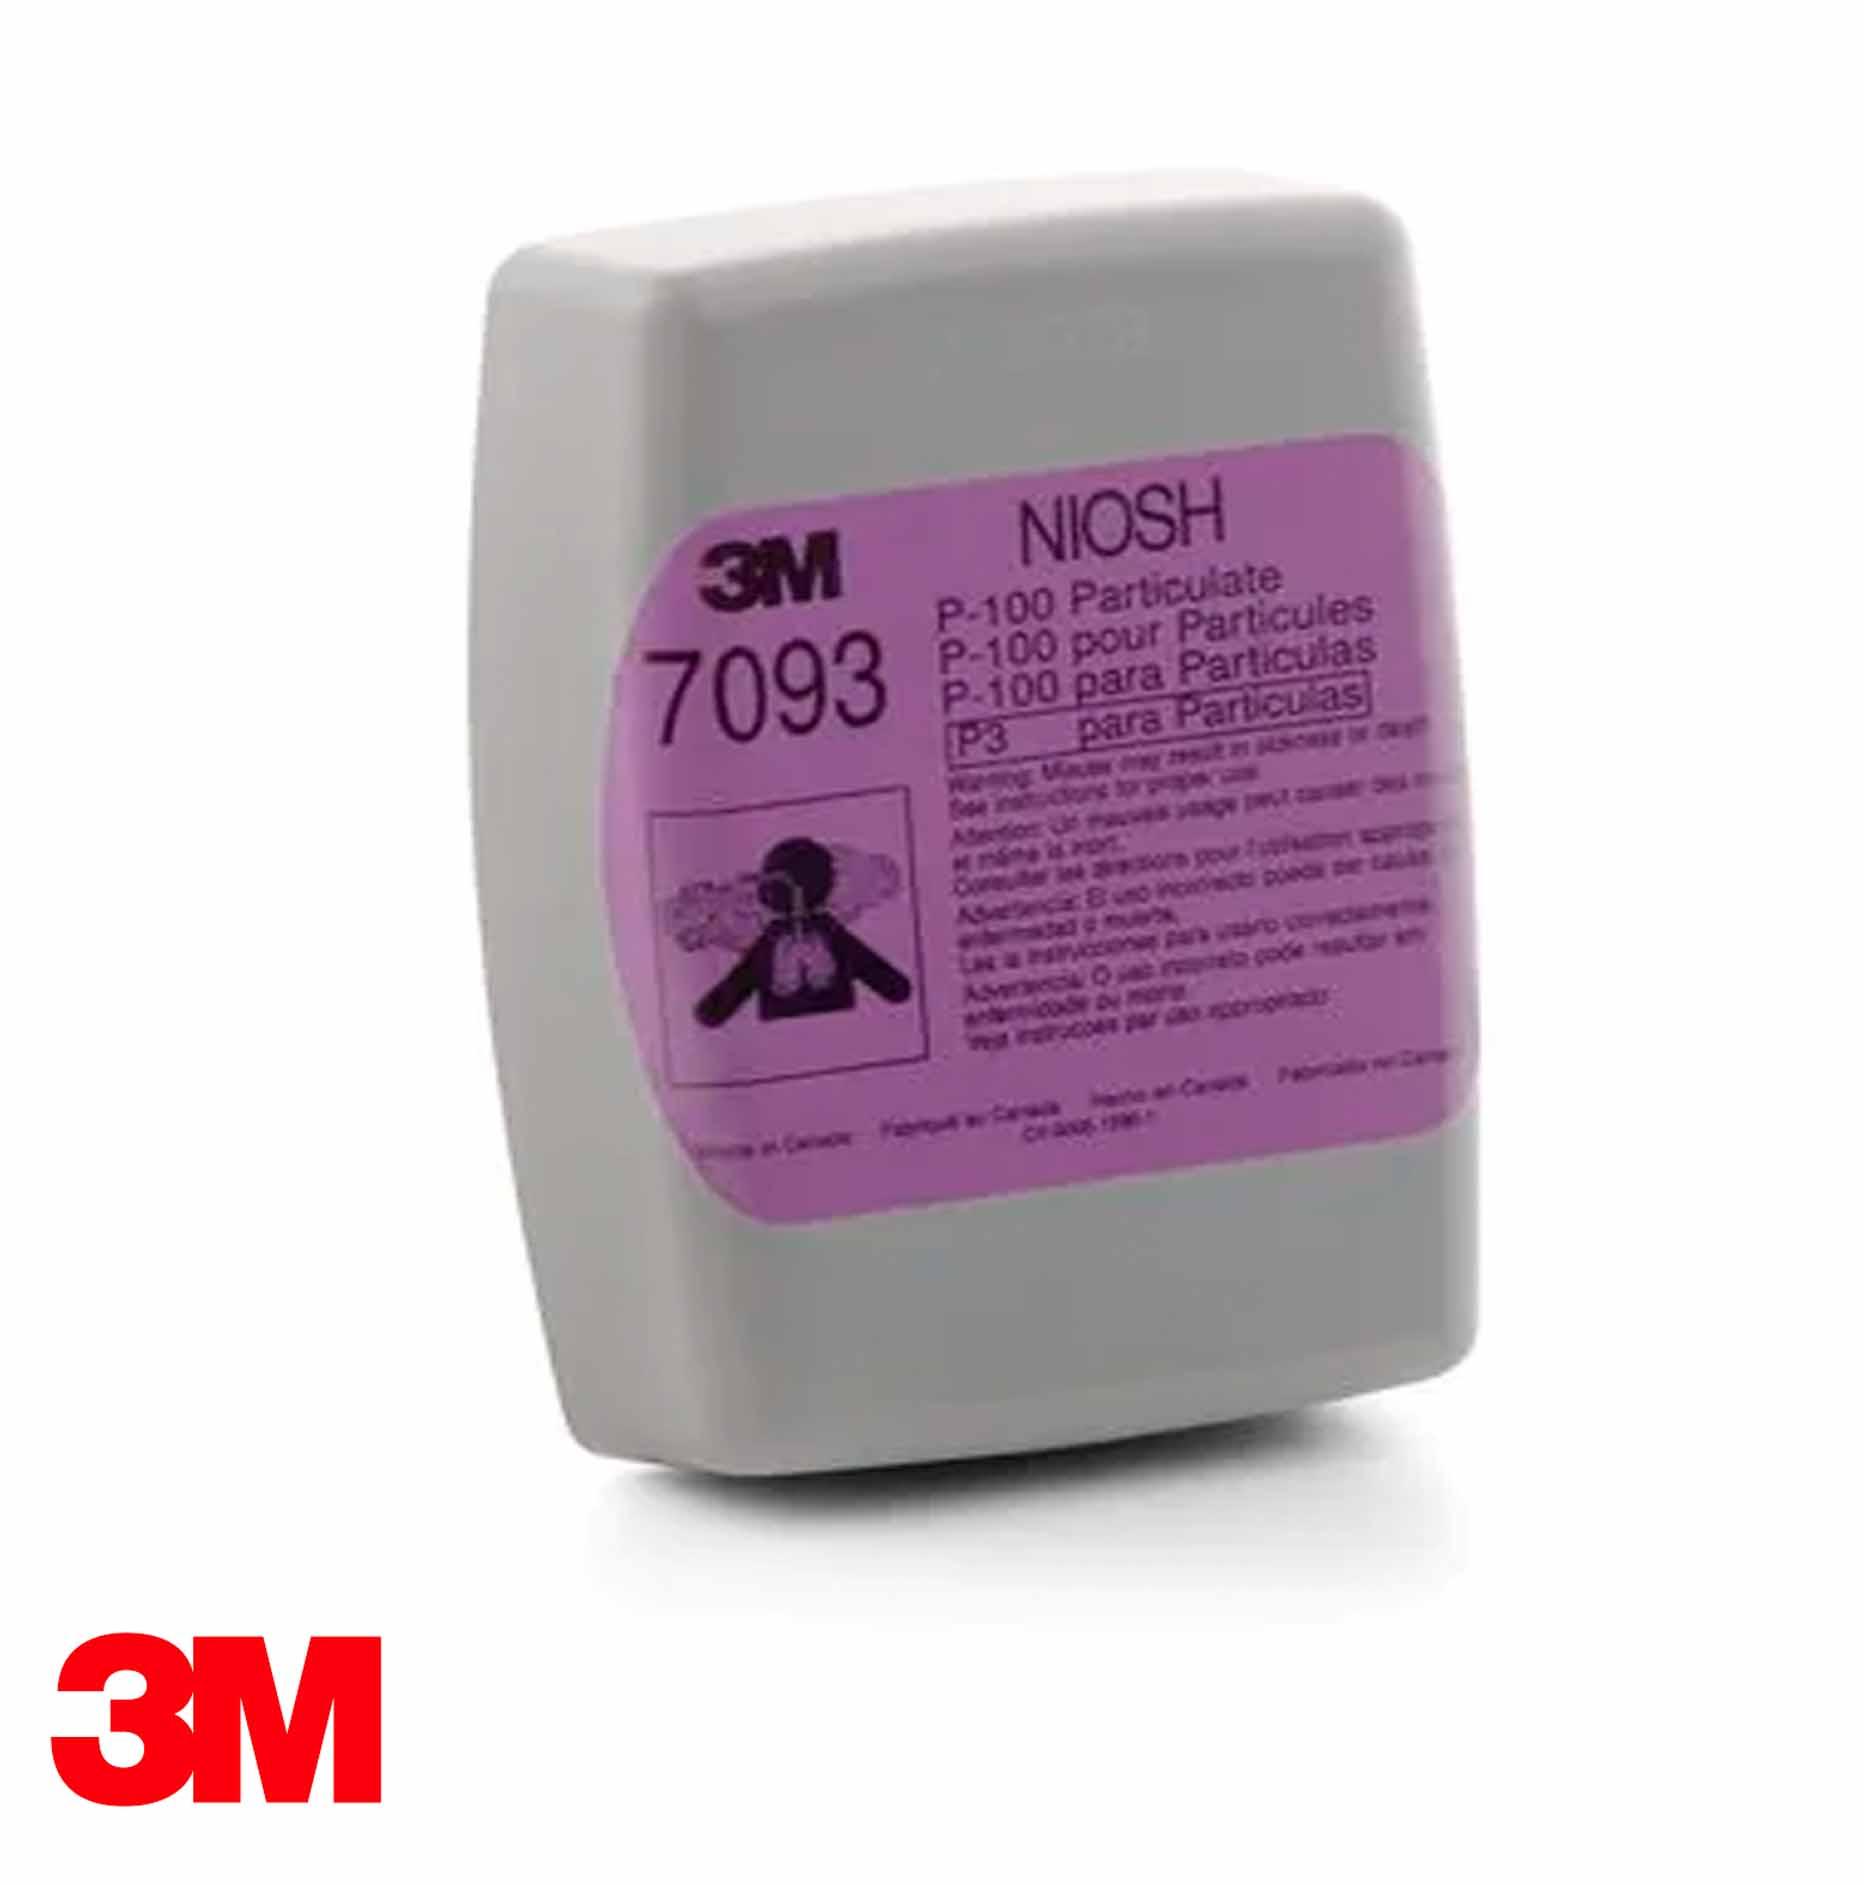 Filtro para Partículas 3M P100, 7093B